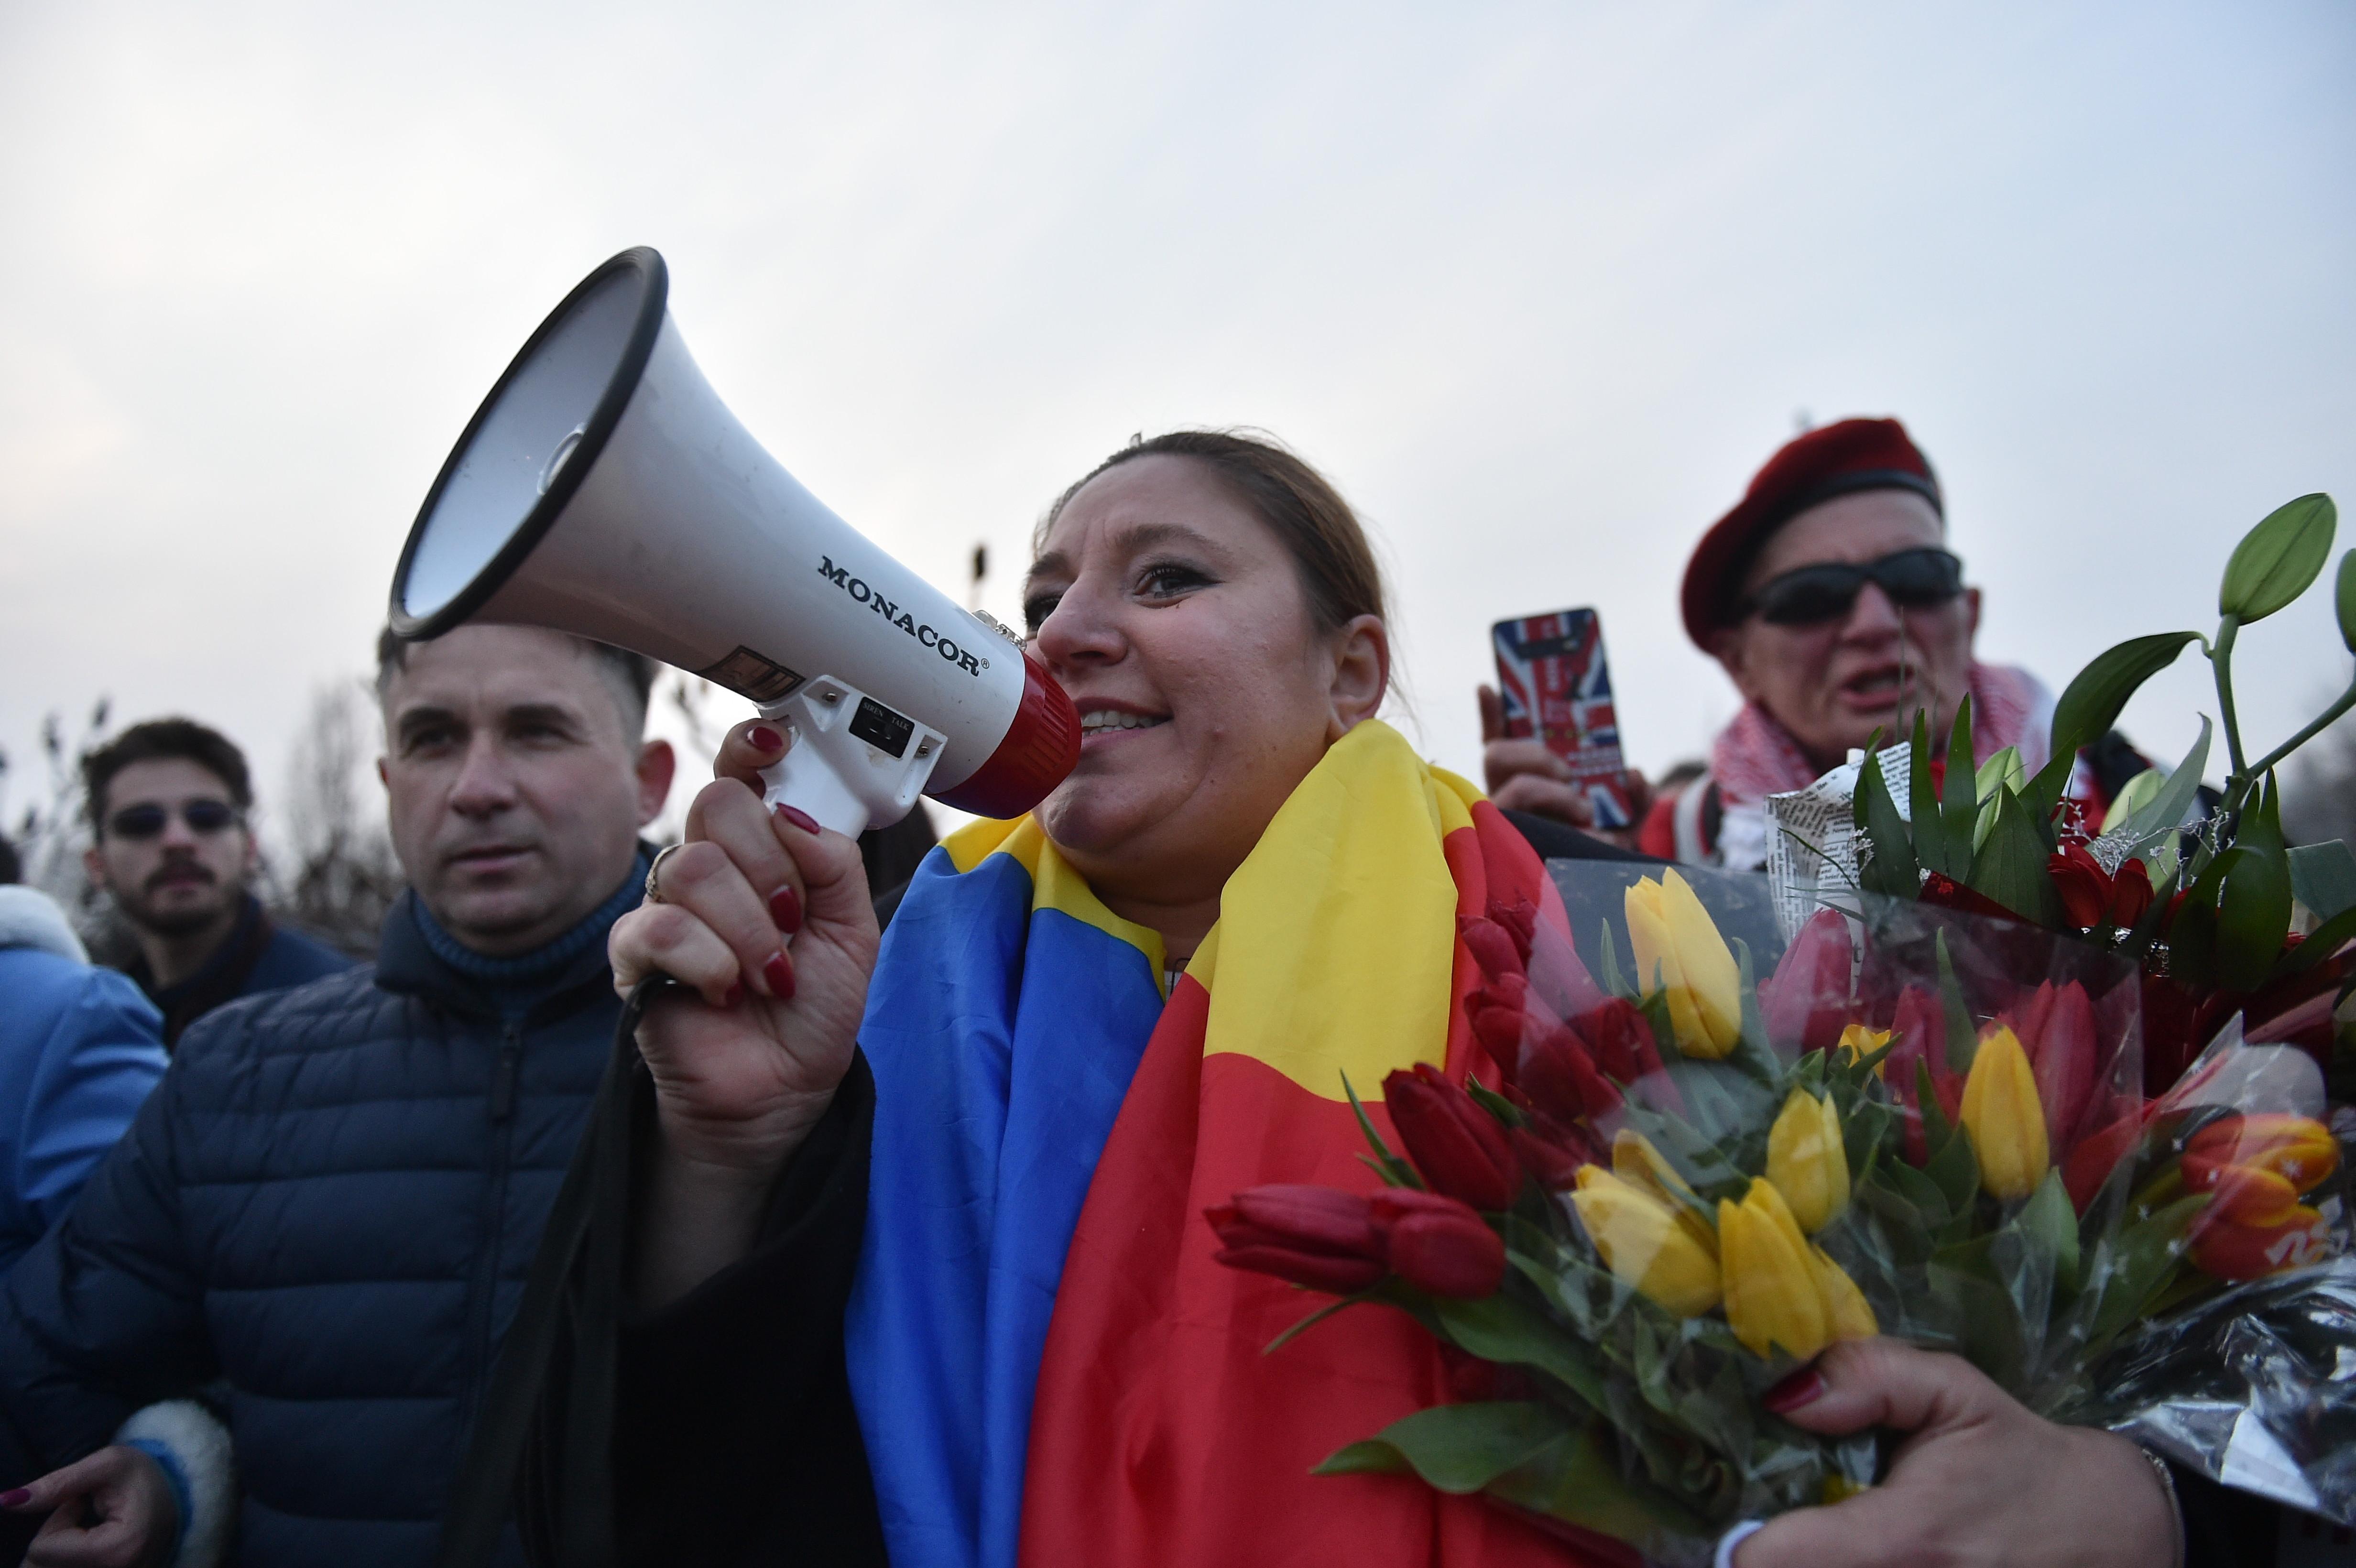 Surse: Șoșoacă a primit 3 amenzi în valoare de 4.500 de lei după protestele de sâmbătă